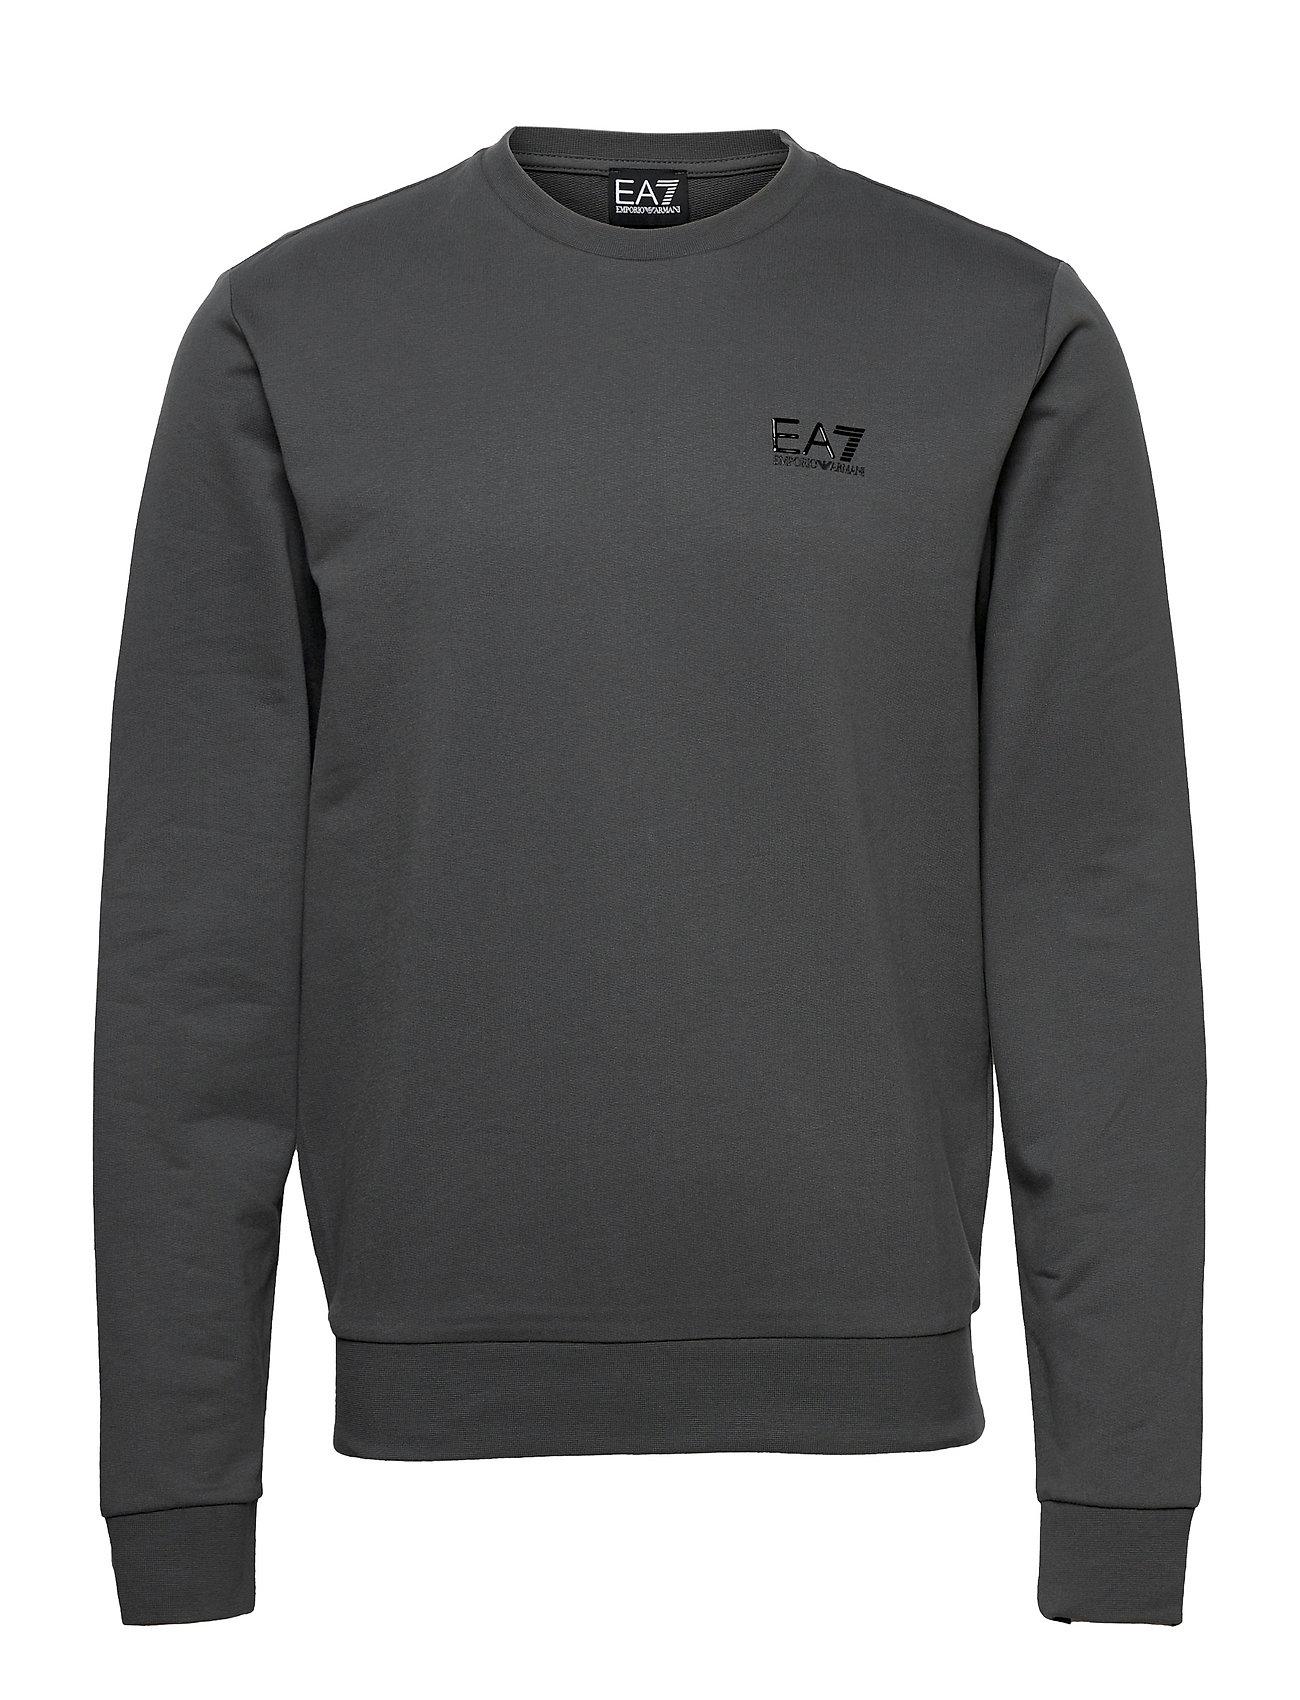 Sweatshirt Sweatshirt Trøje Grå EA7